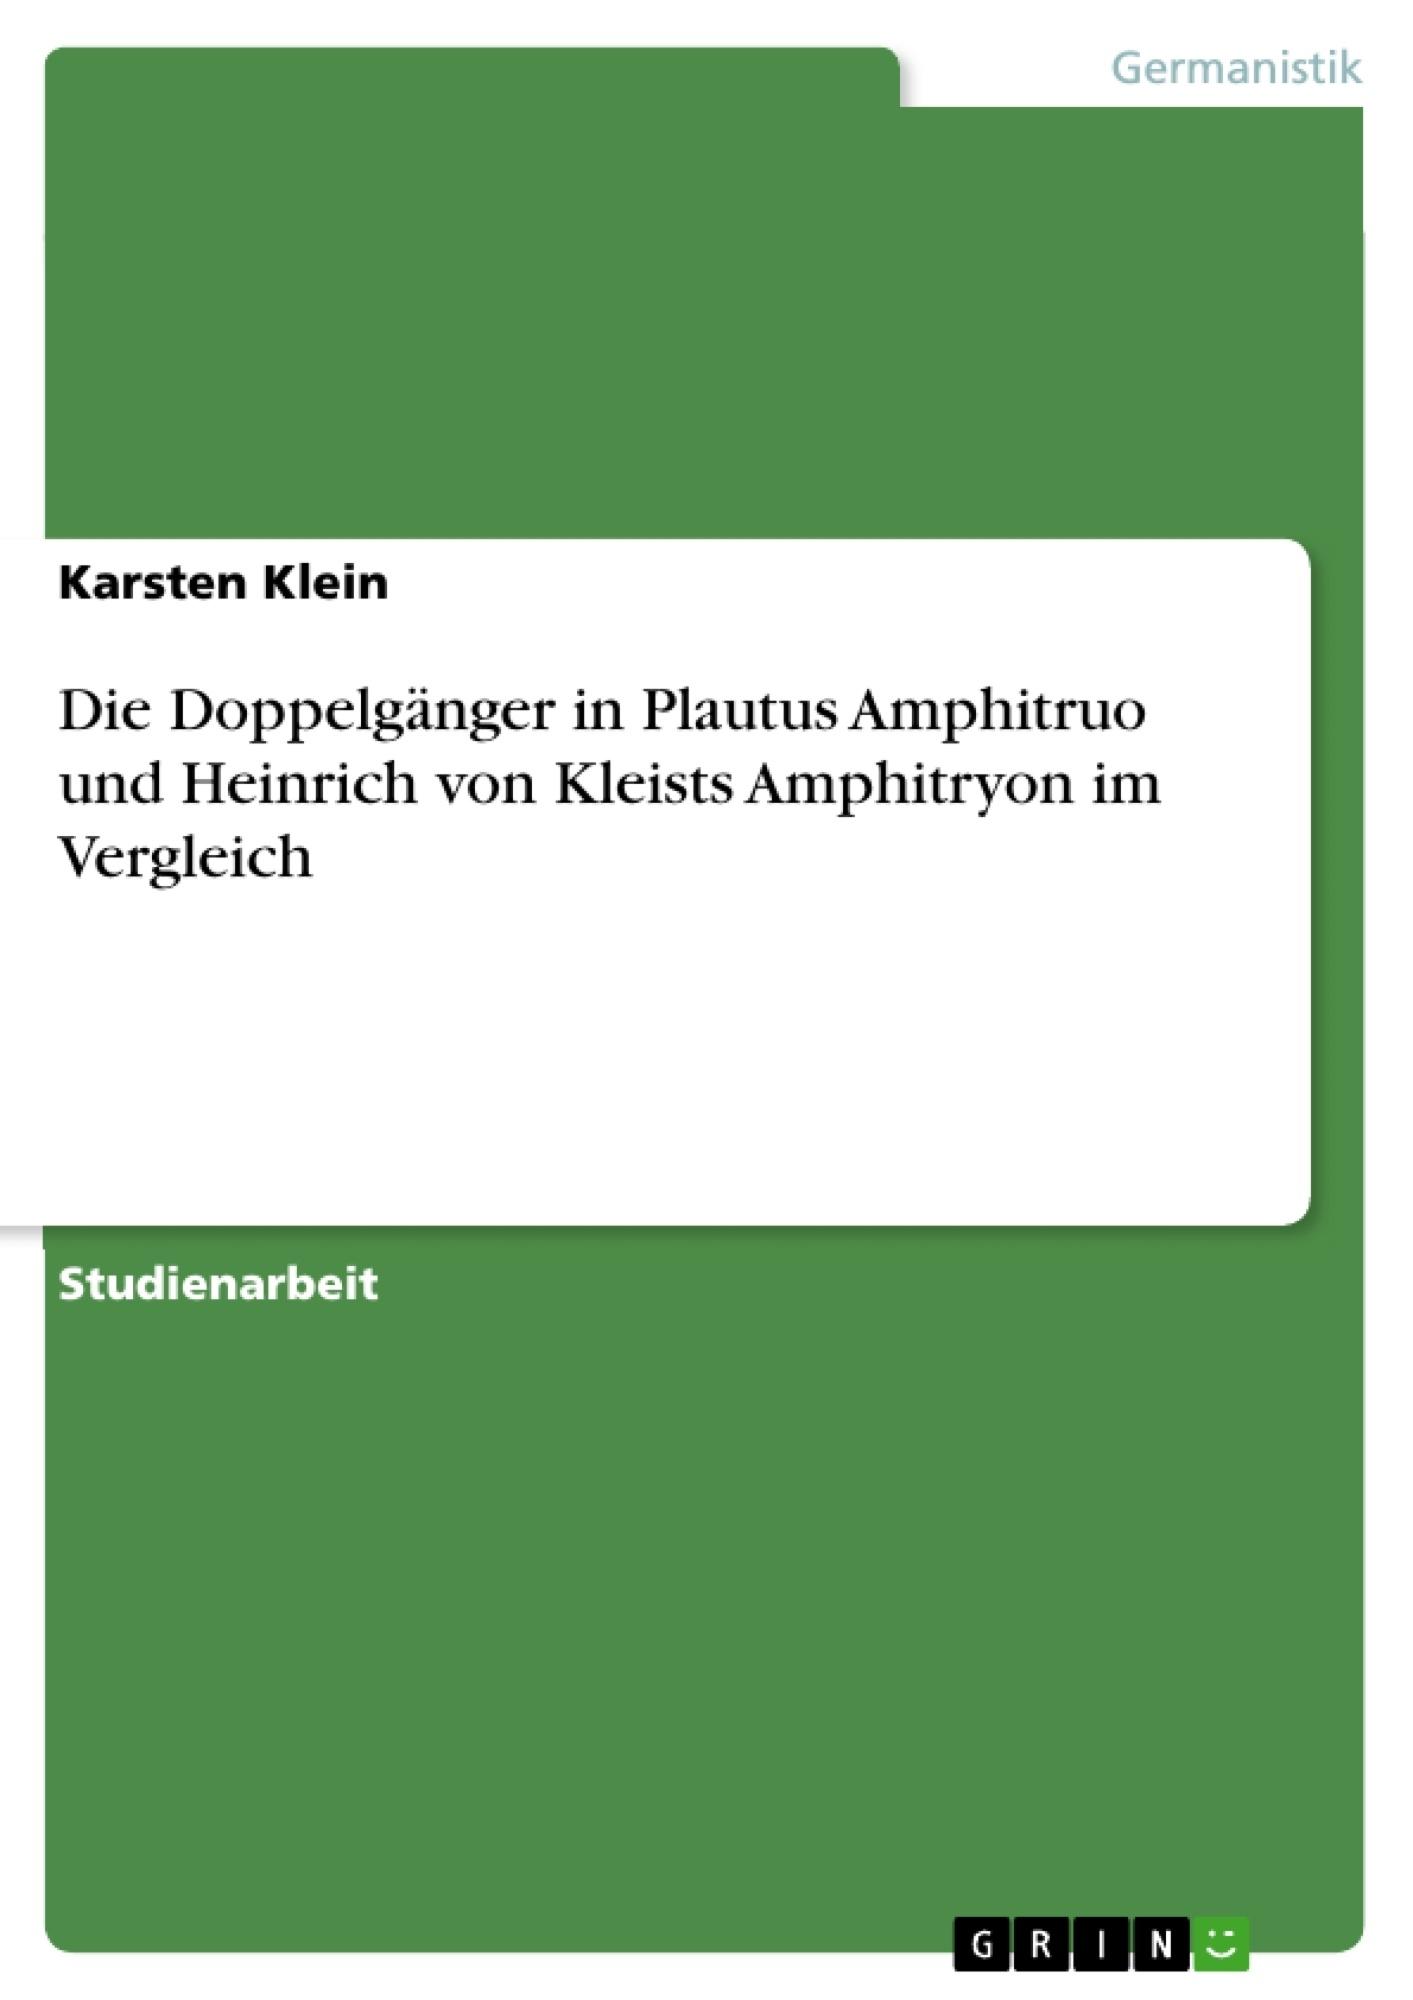 Titel: Die Doppelgänger in Plautus Amphitruo und Heinrich von Kleists Amphitryon im Vergleich